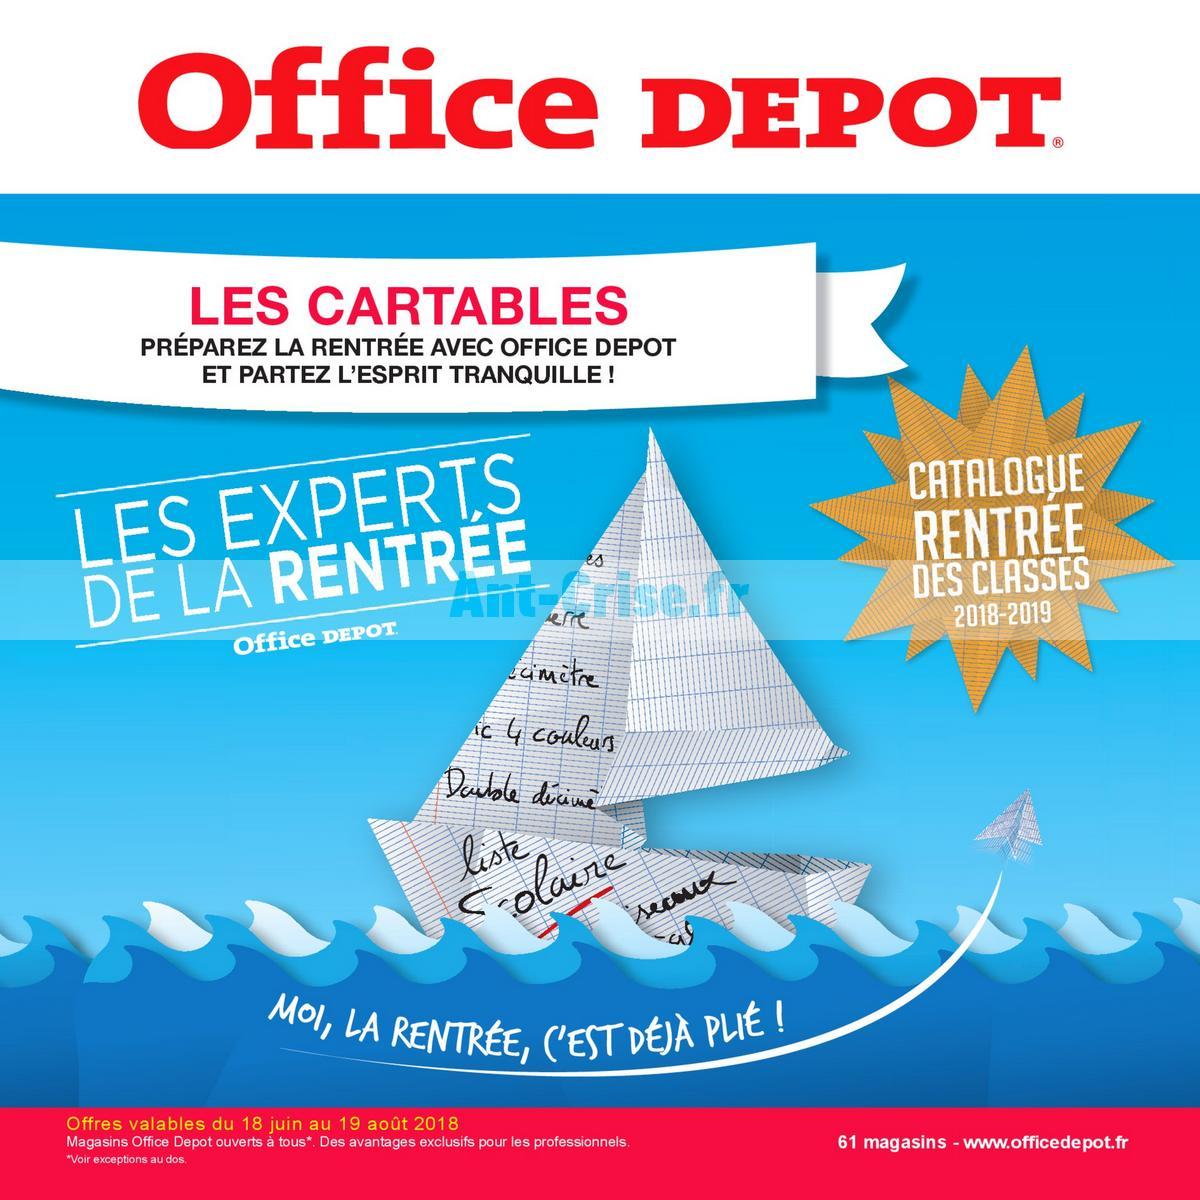 aout2018 Catalogue Office Dépôt du 18 juin au 19 août 2018 (Cartables) (1)